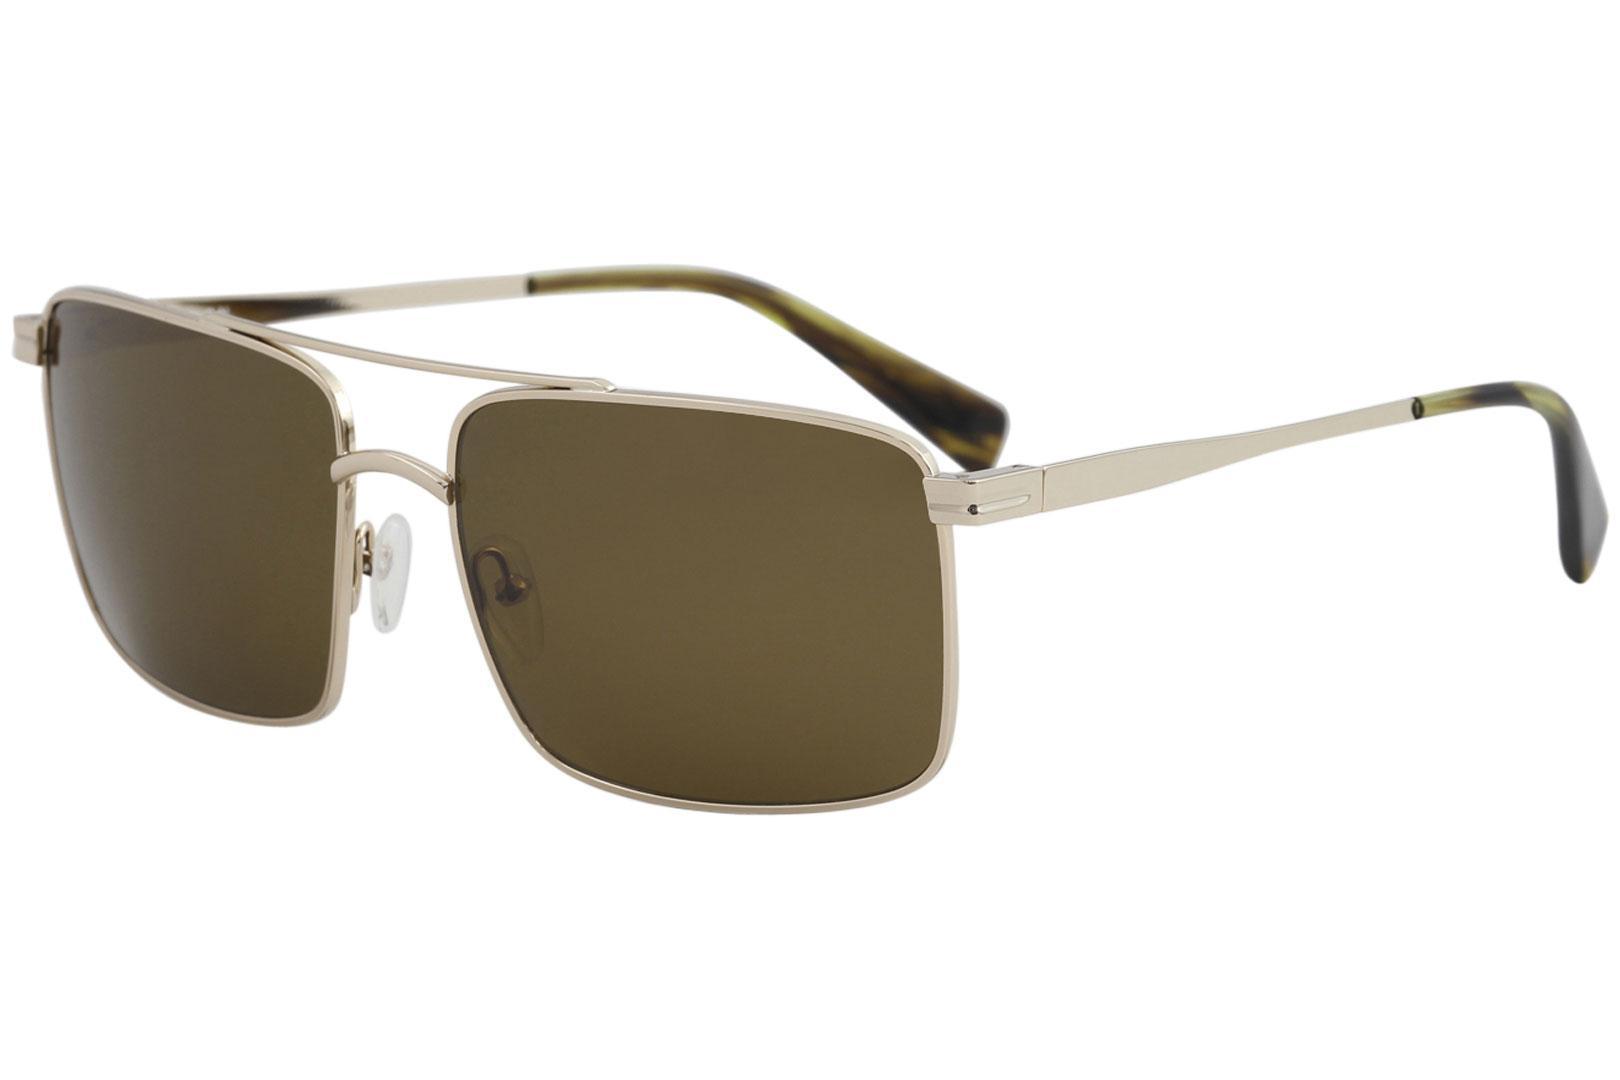 e56b82385da33 Kaenon Knolls Fashion Pilot Polarized Sunglasses by Kaenon. 12345